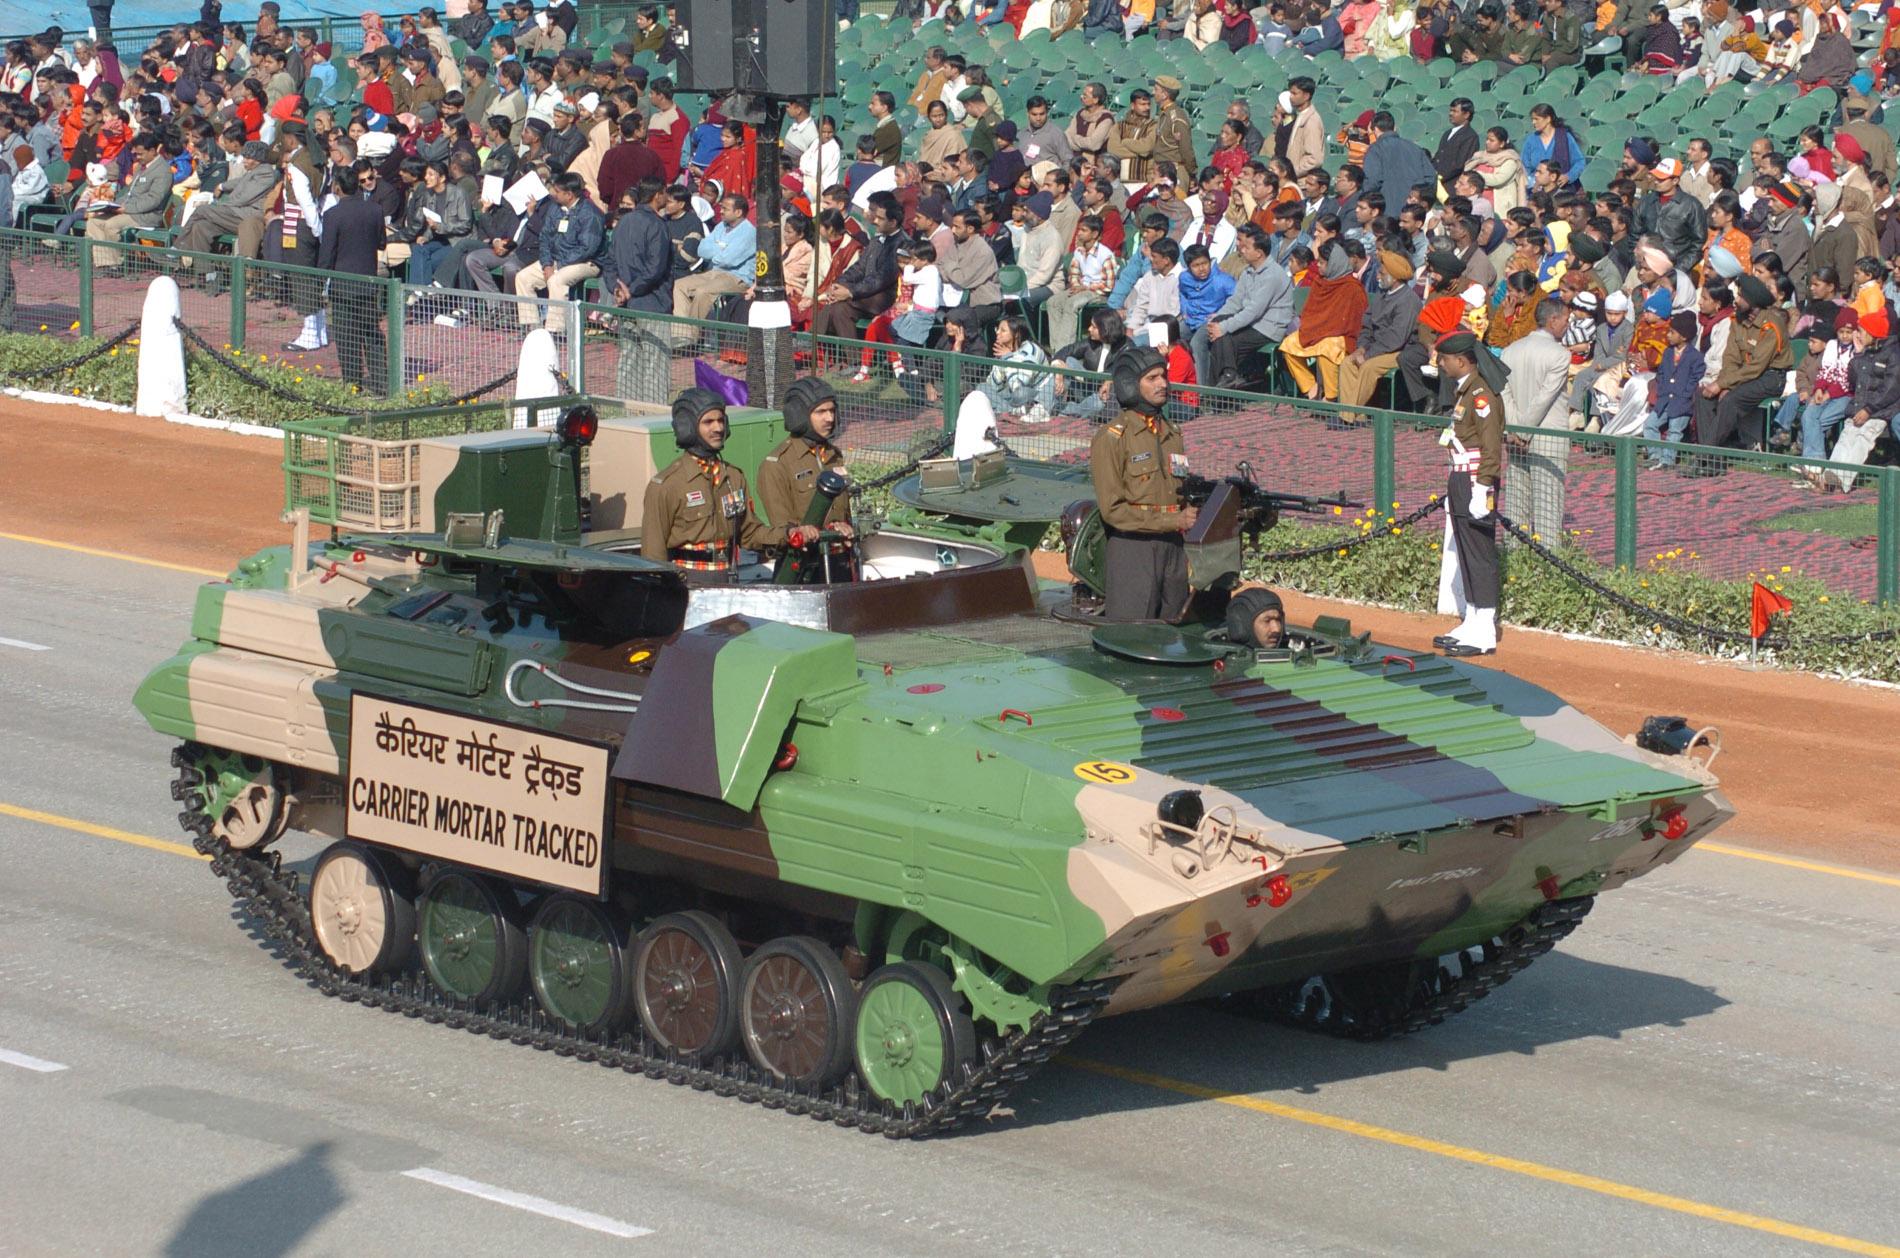 Resultado de imagen para Carrier Mortar Tracked Vehicle